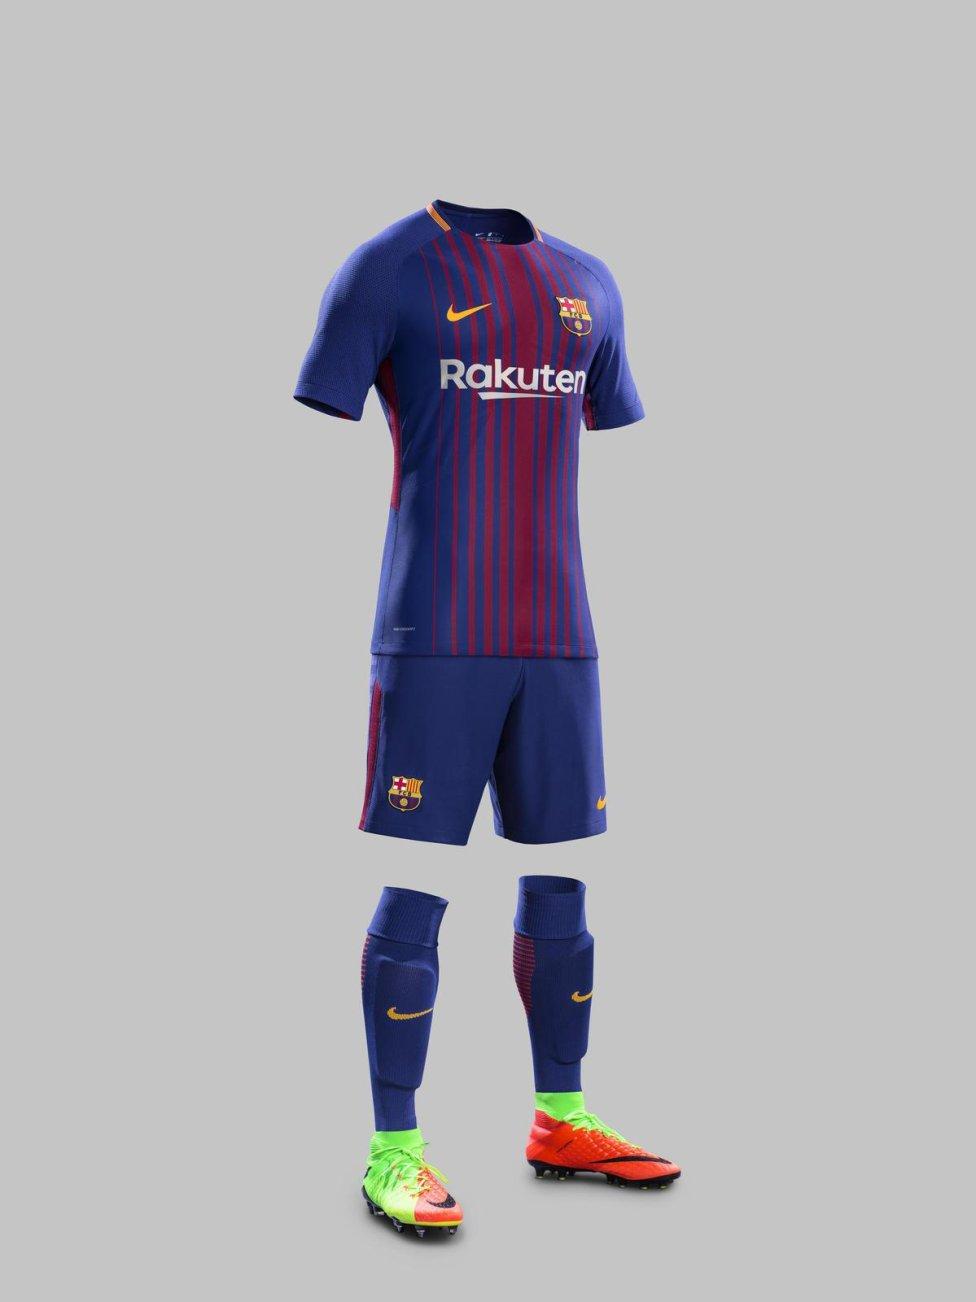 Barcelona  La evolución histórica de la equipación del Barcelona - AS.com 6ce3de814ab52